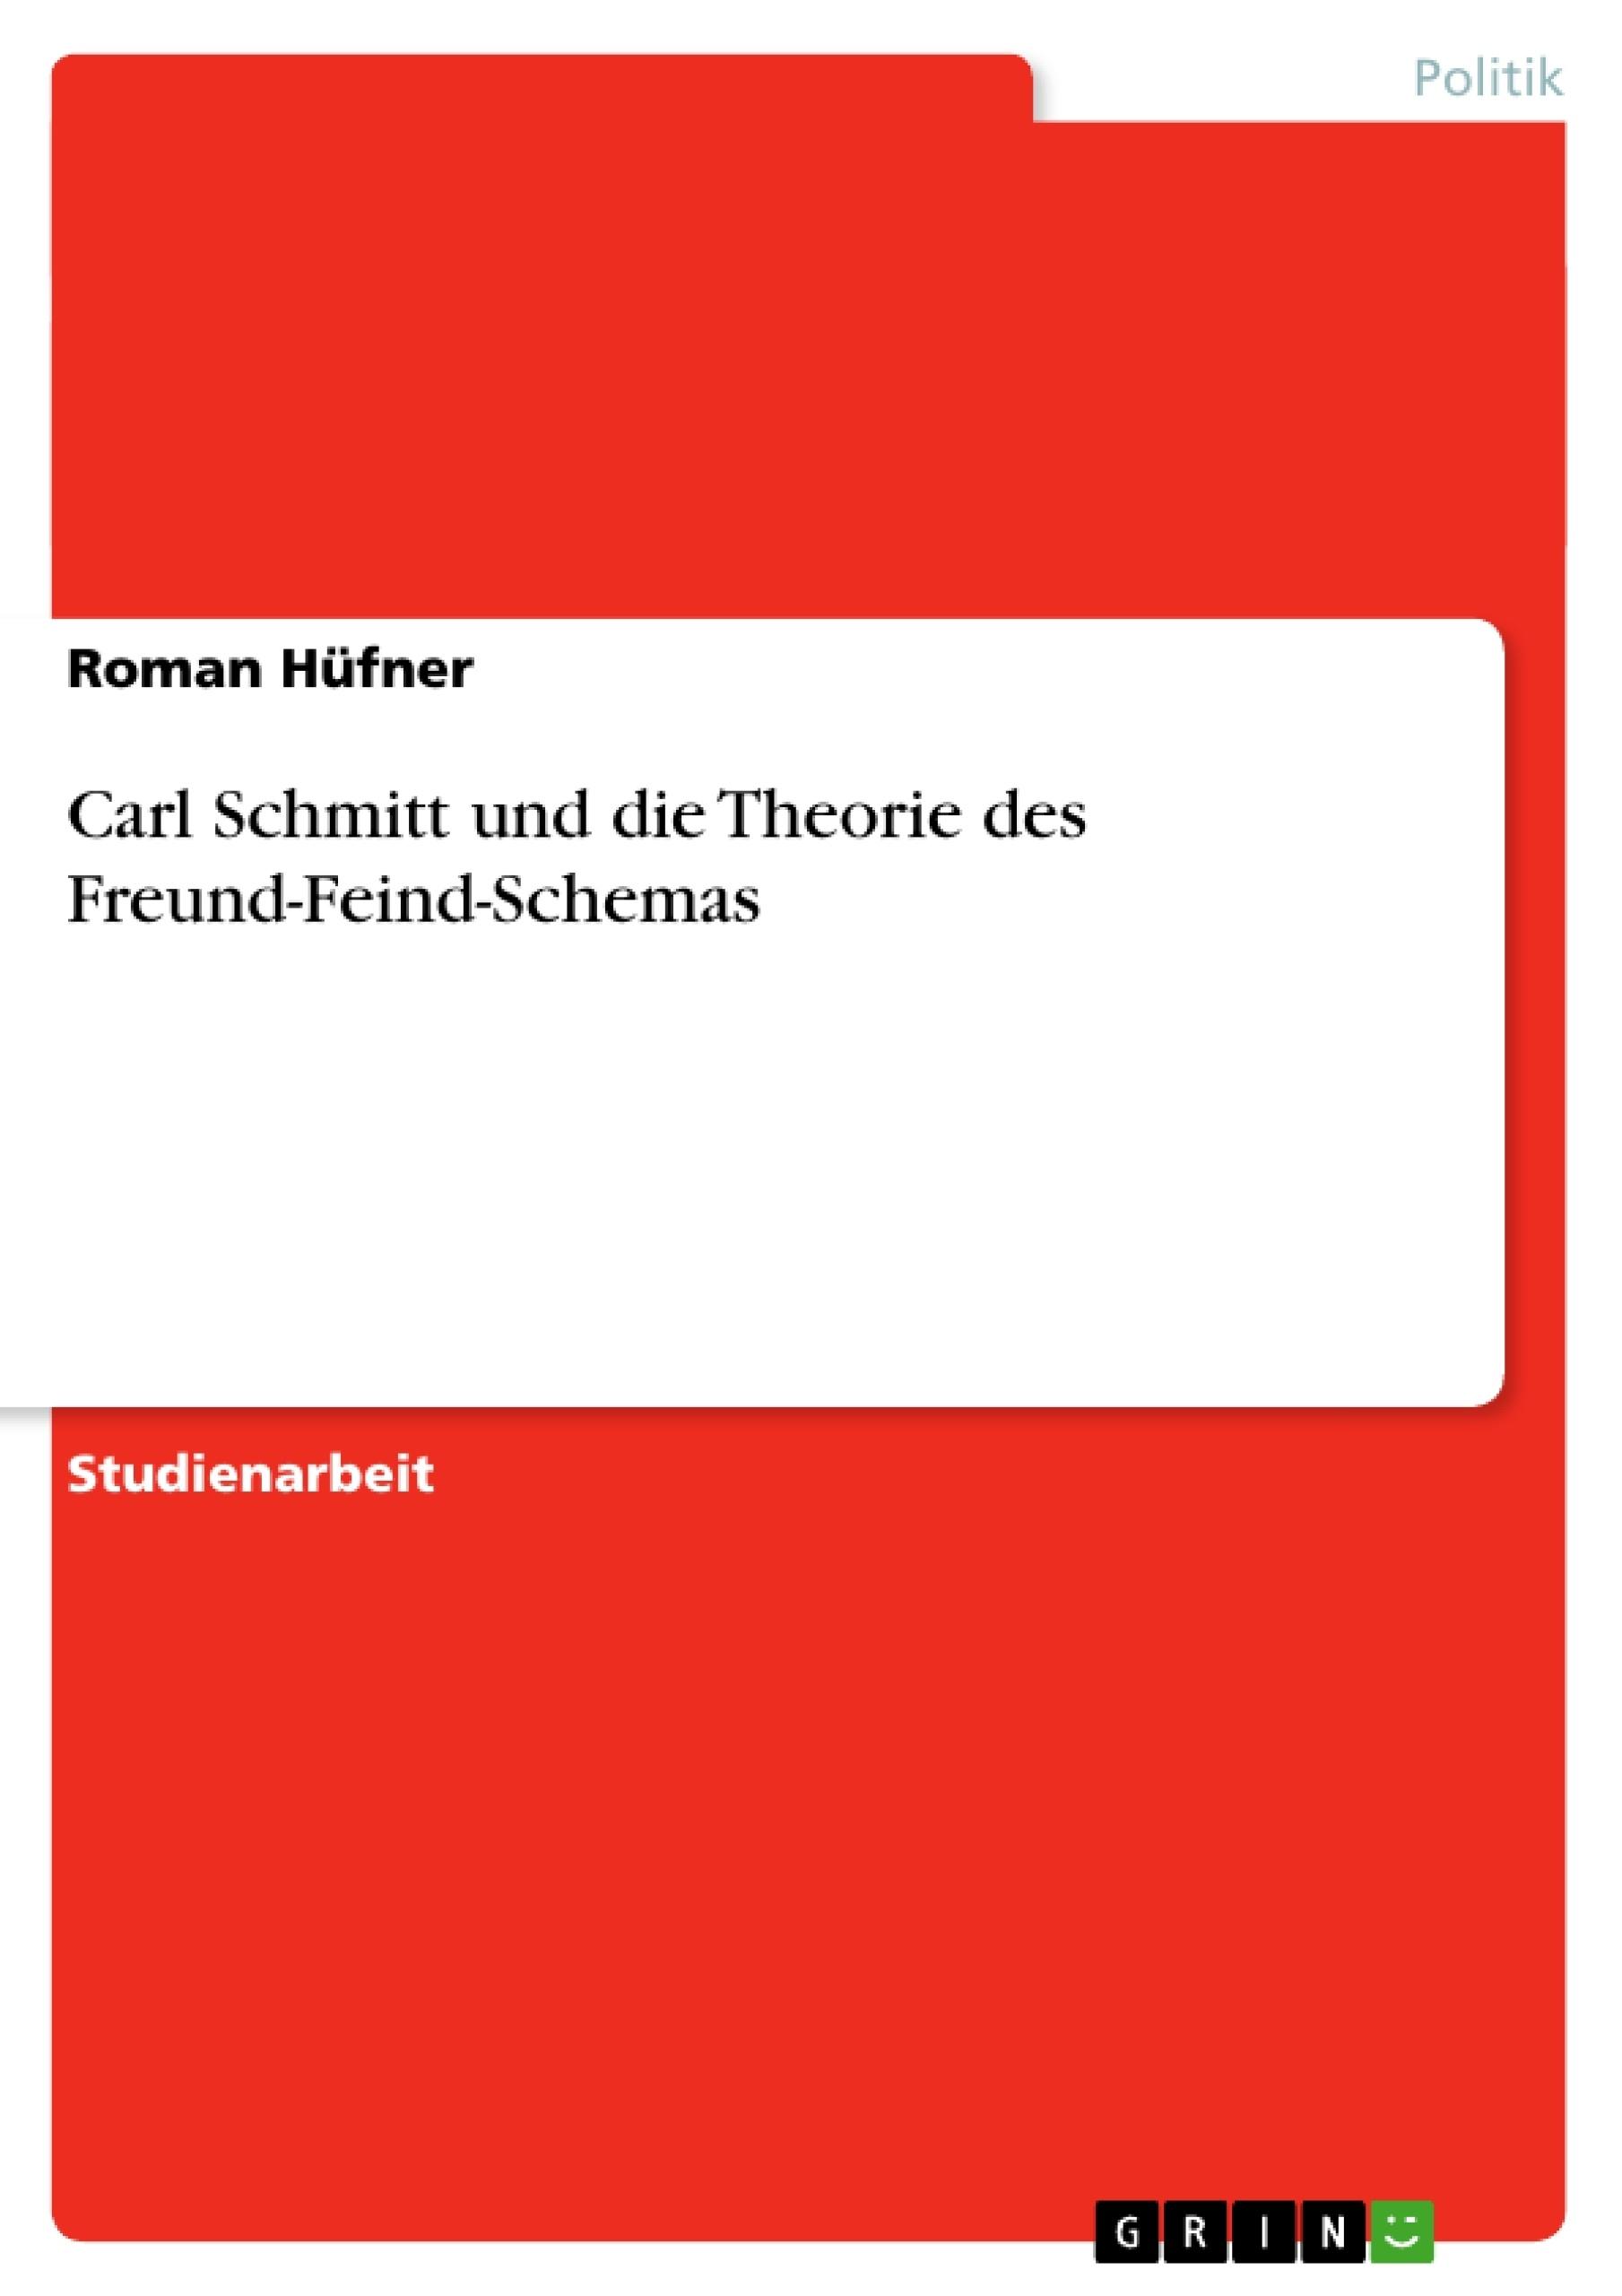 Titel: Carl Schmitt und die Theorie des Freund-Feind-Schemas